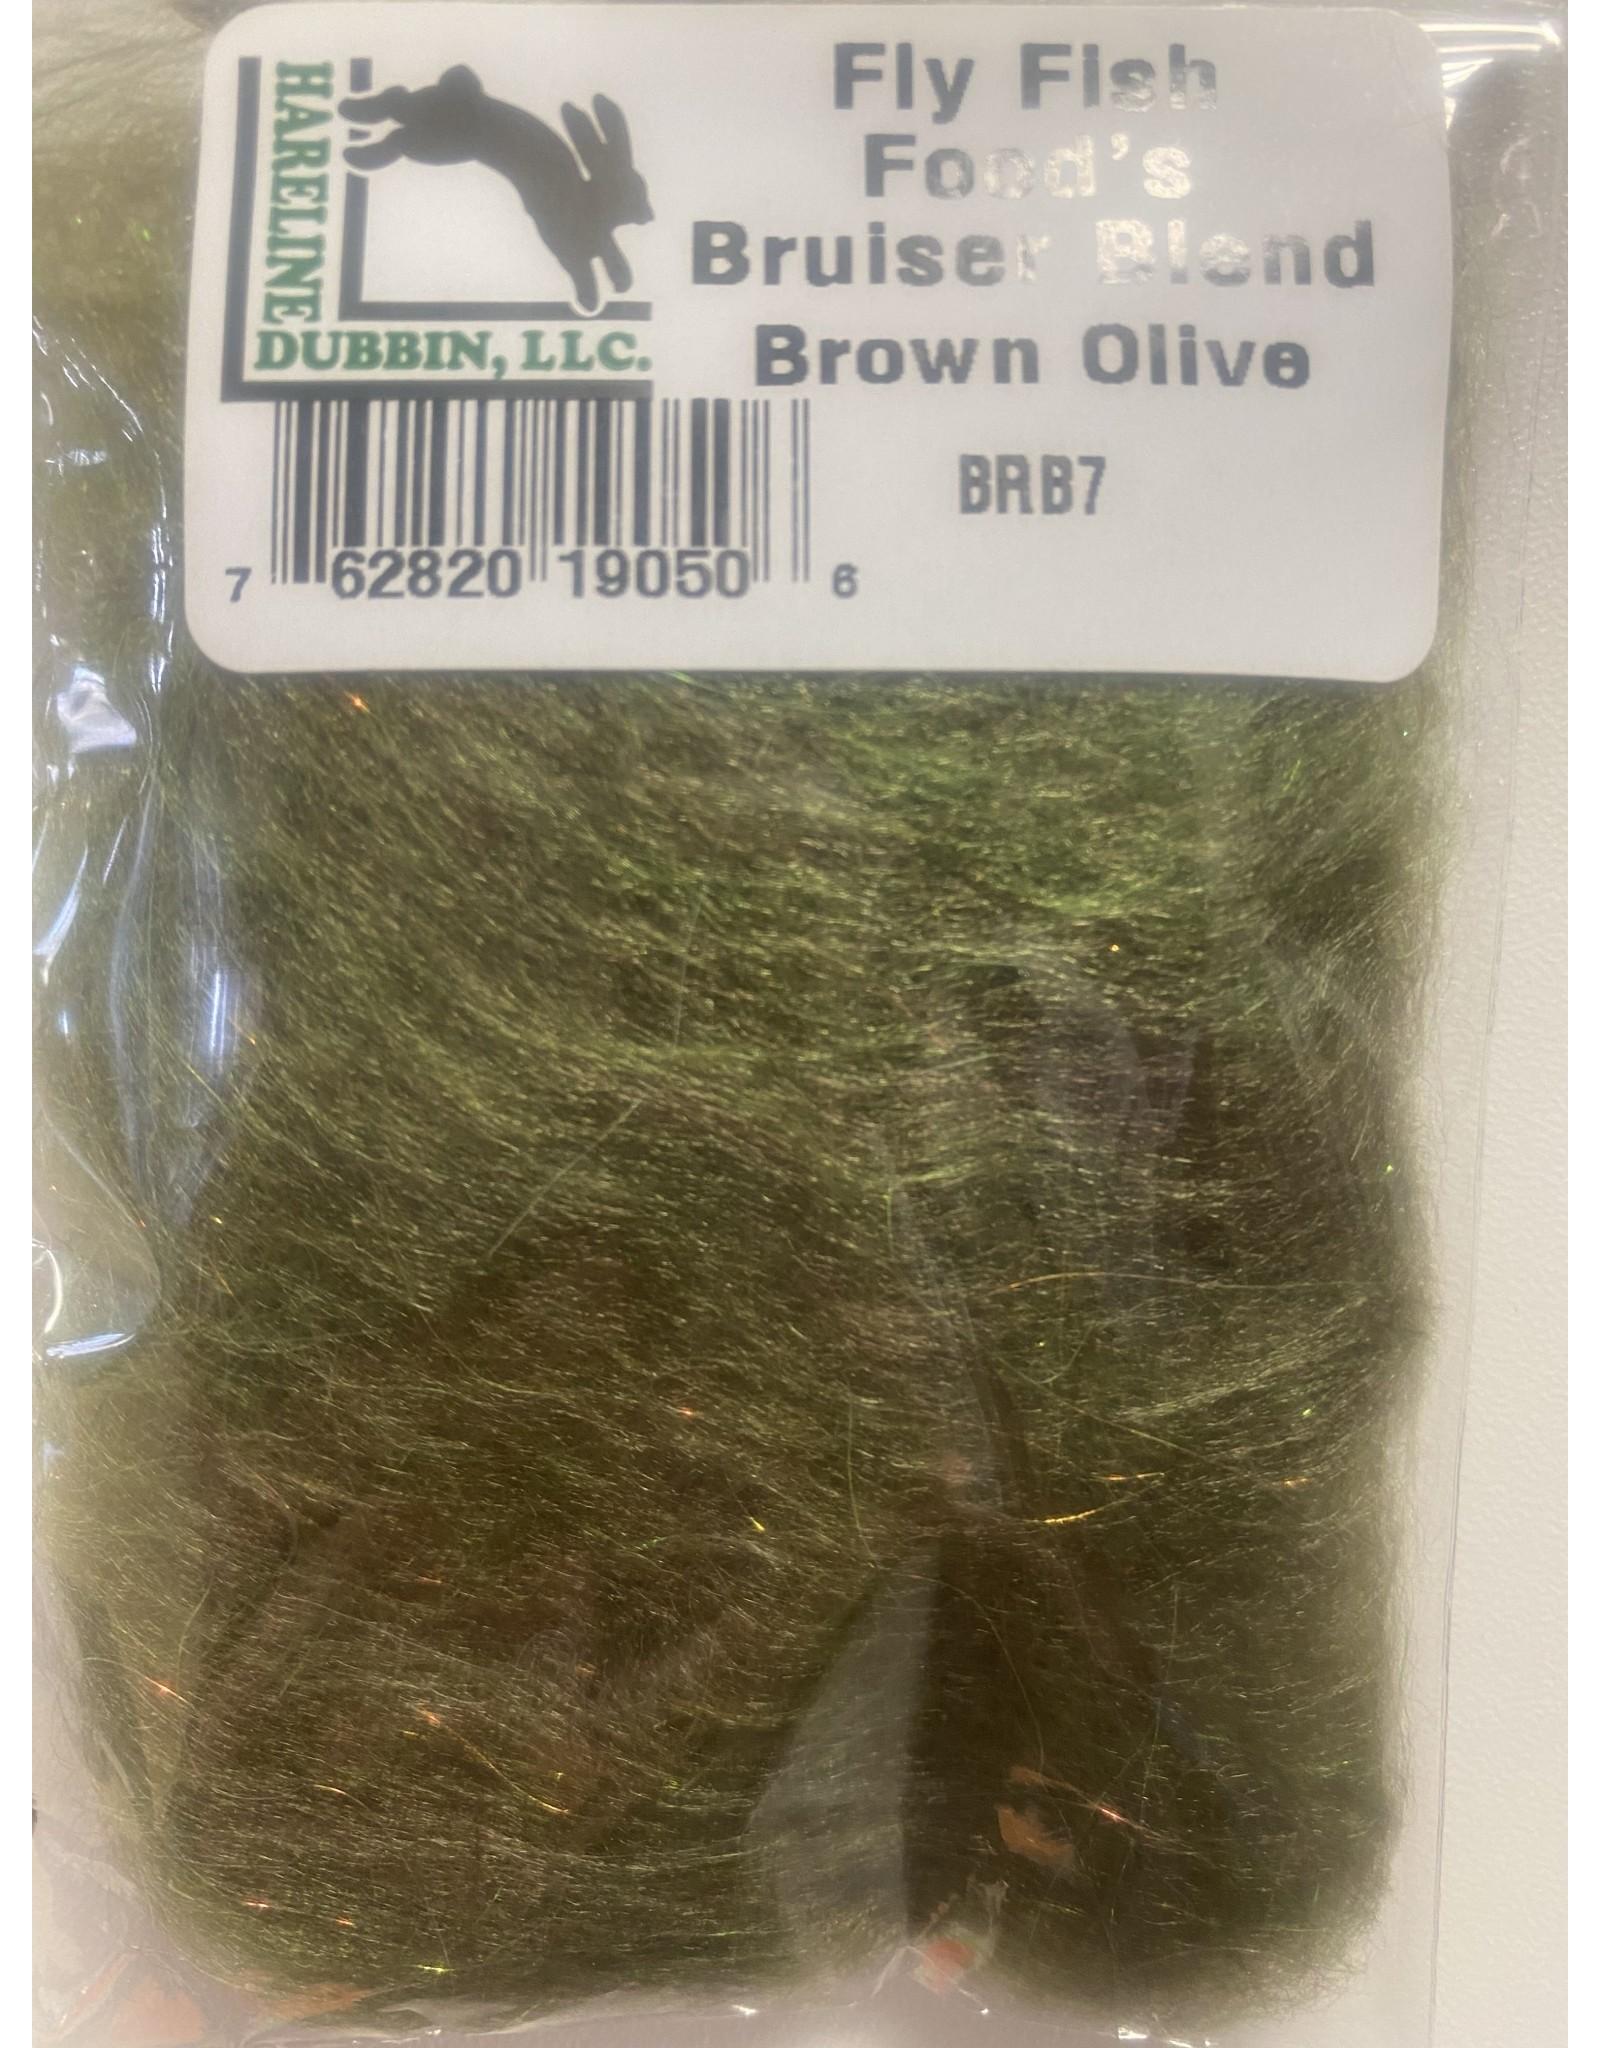 Hareline Fly Fish Food's Bruiser Blend #7 Brown Olive